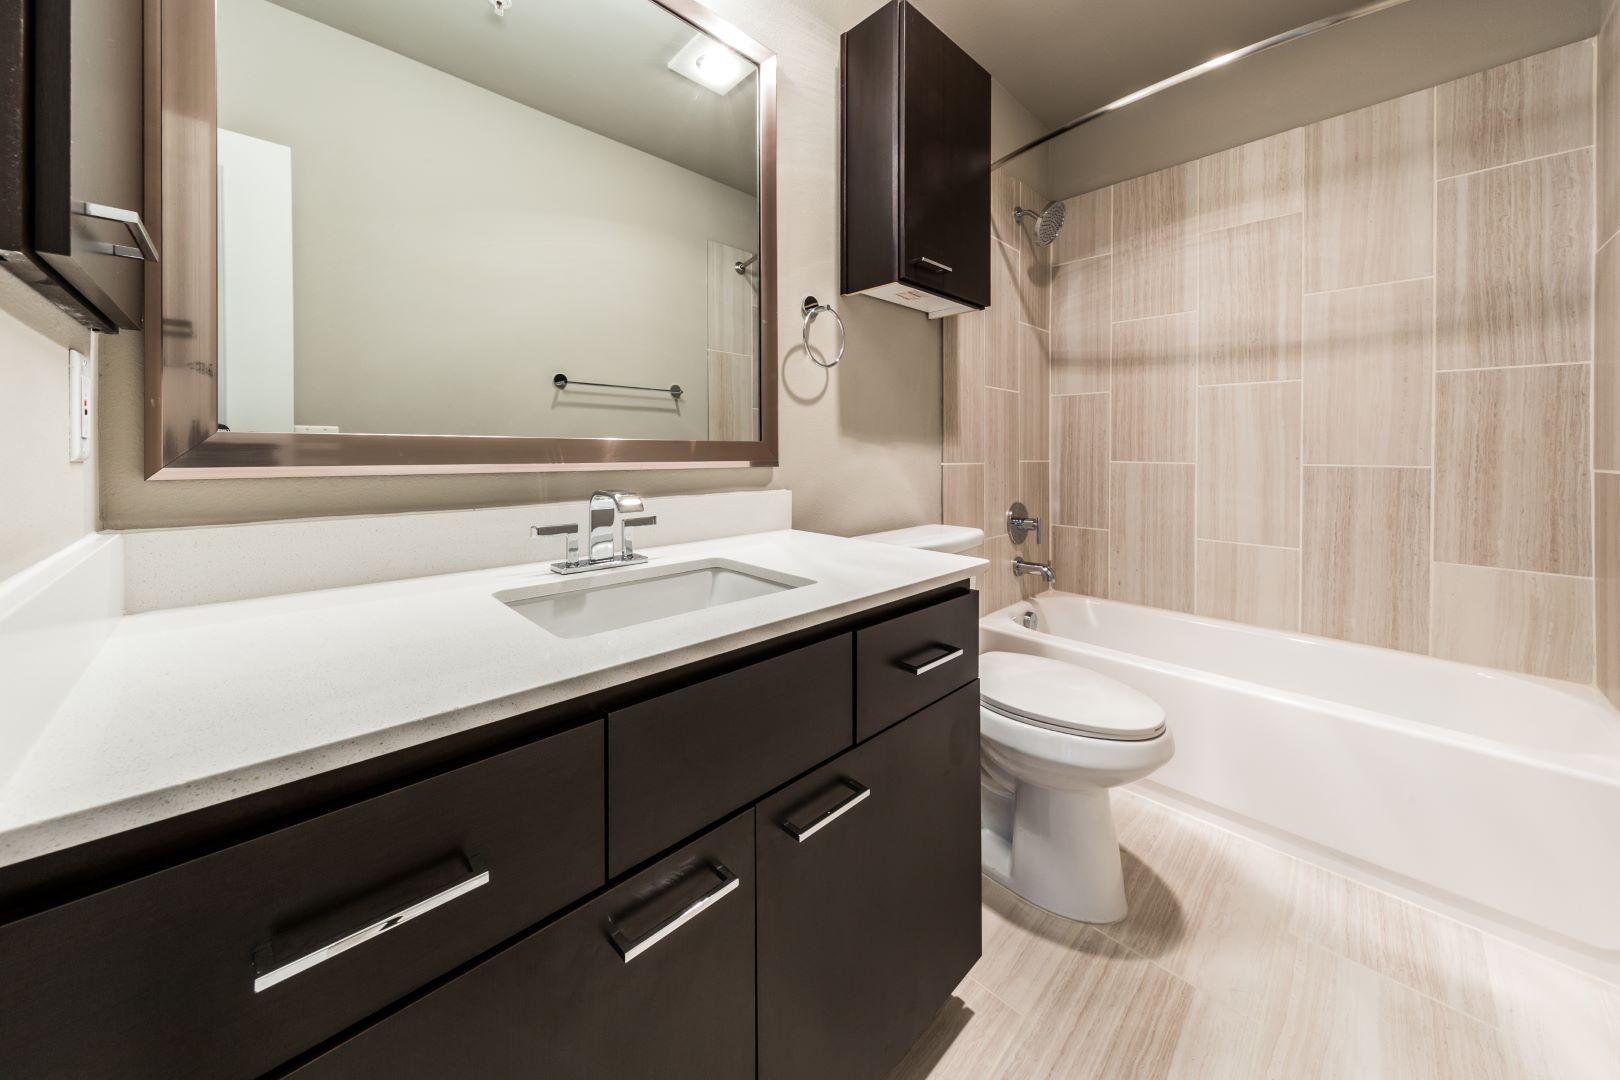 Bathroom at Marq 211 Apartments, Belltown, Seattle